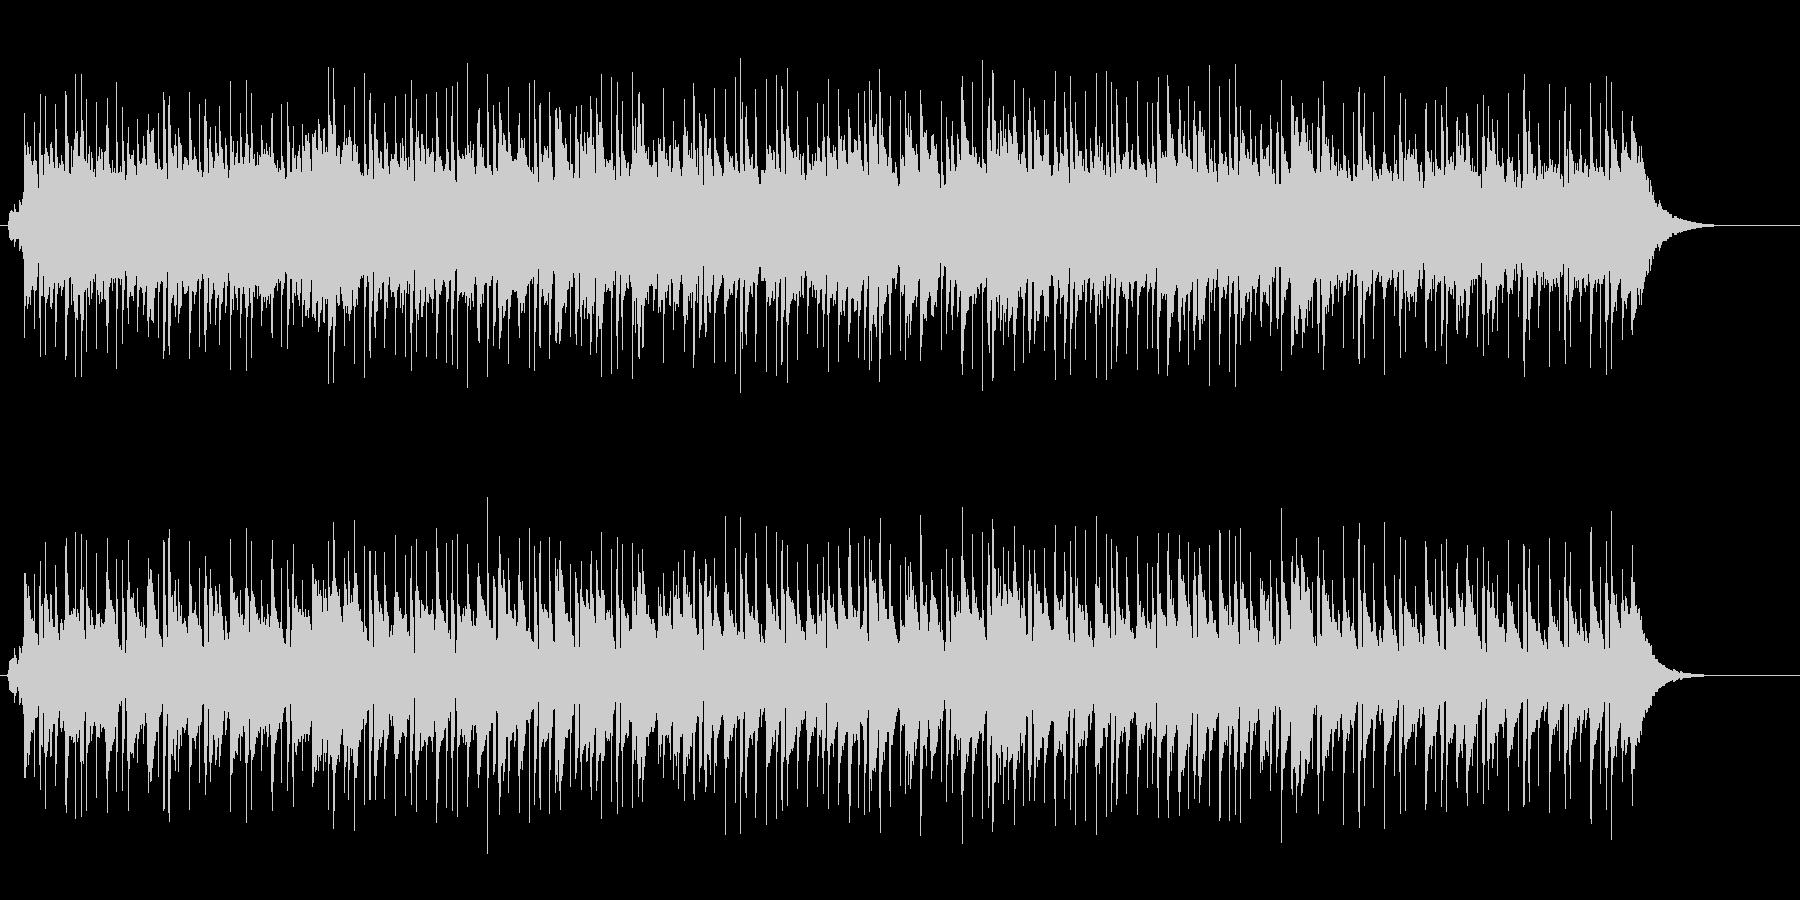 切なさが滲み出たセンチメンタル・バラードの未再生の波形